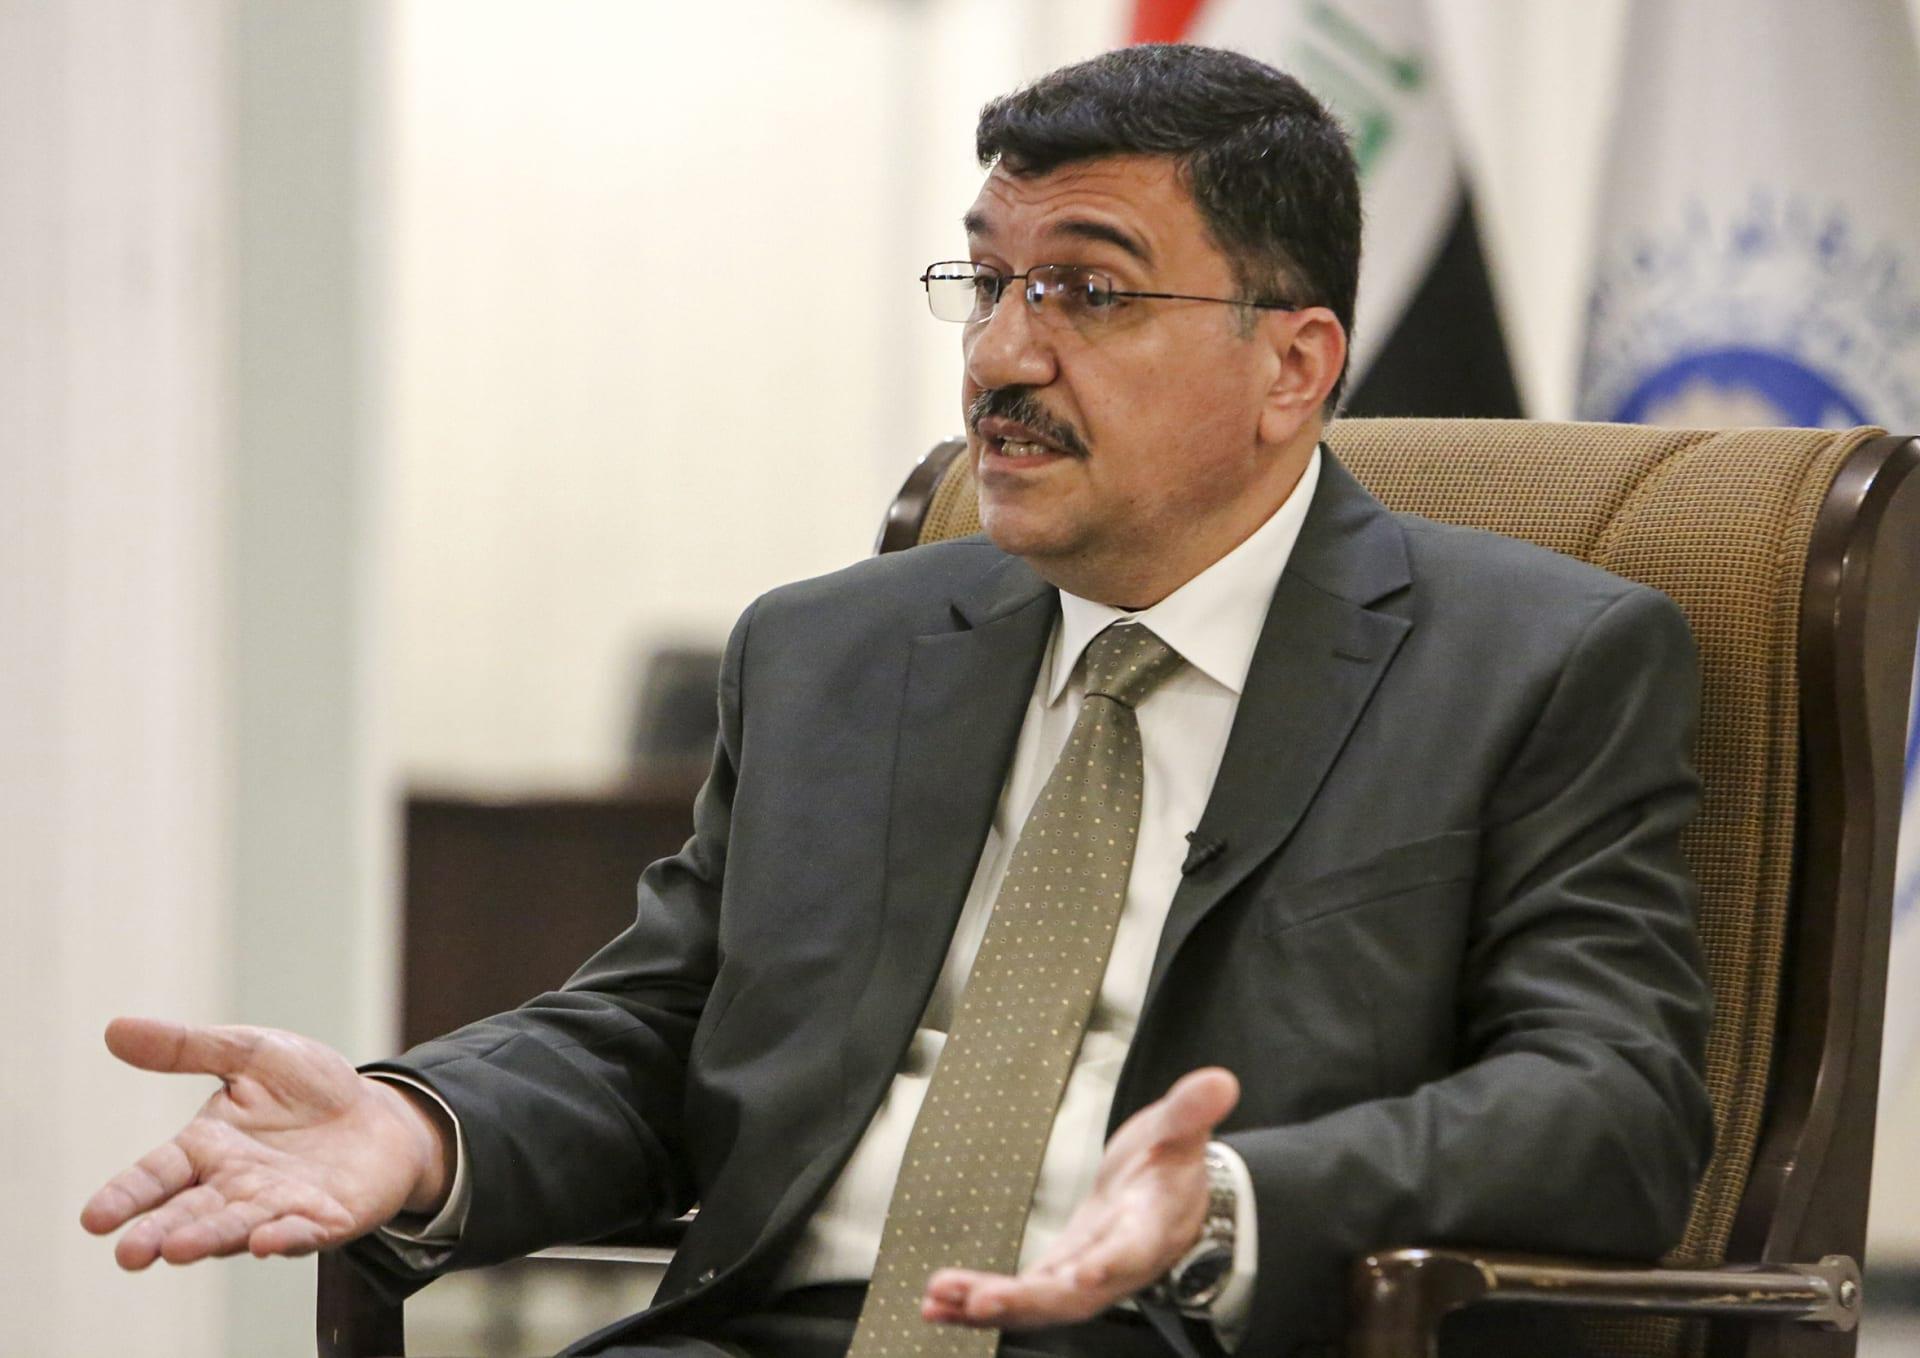 وزير الموارد المائية العراقي مهدي رشيد الحمداني